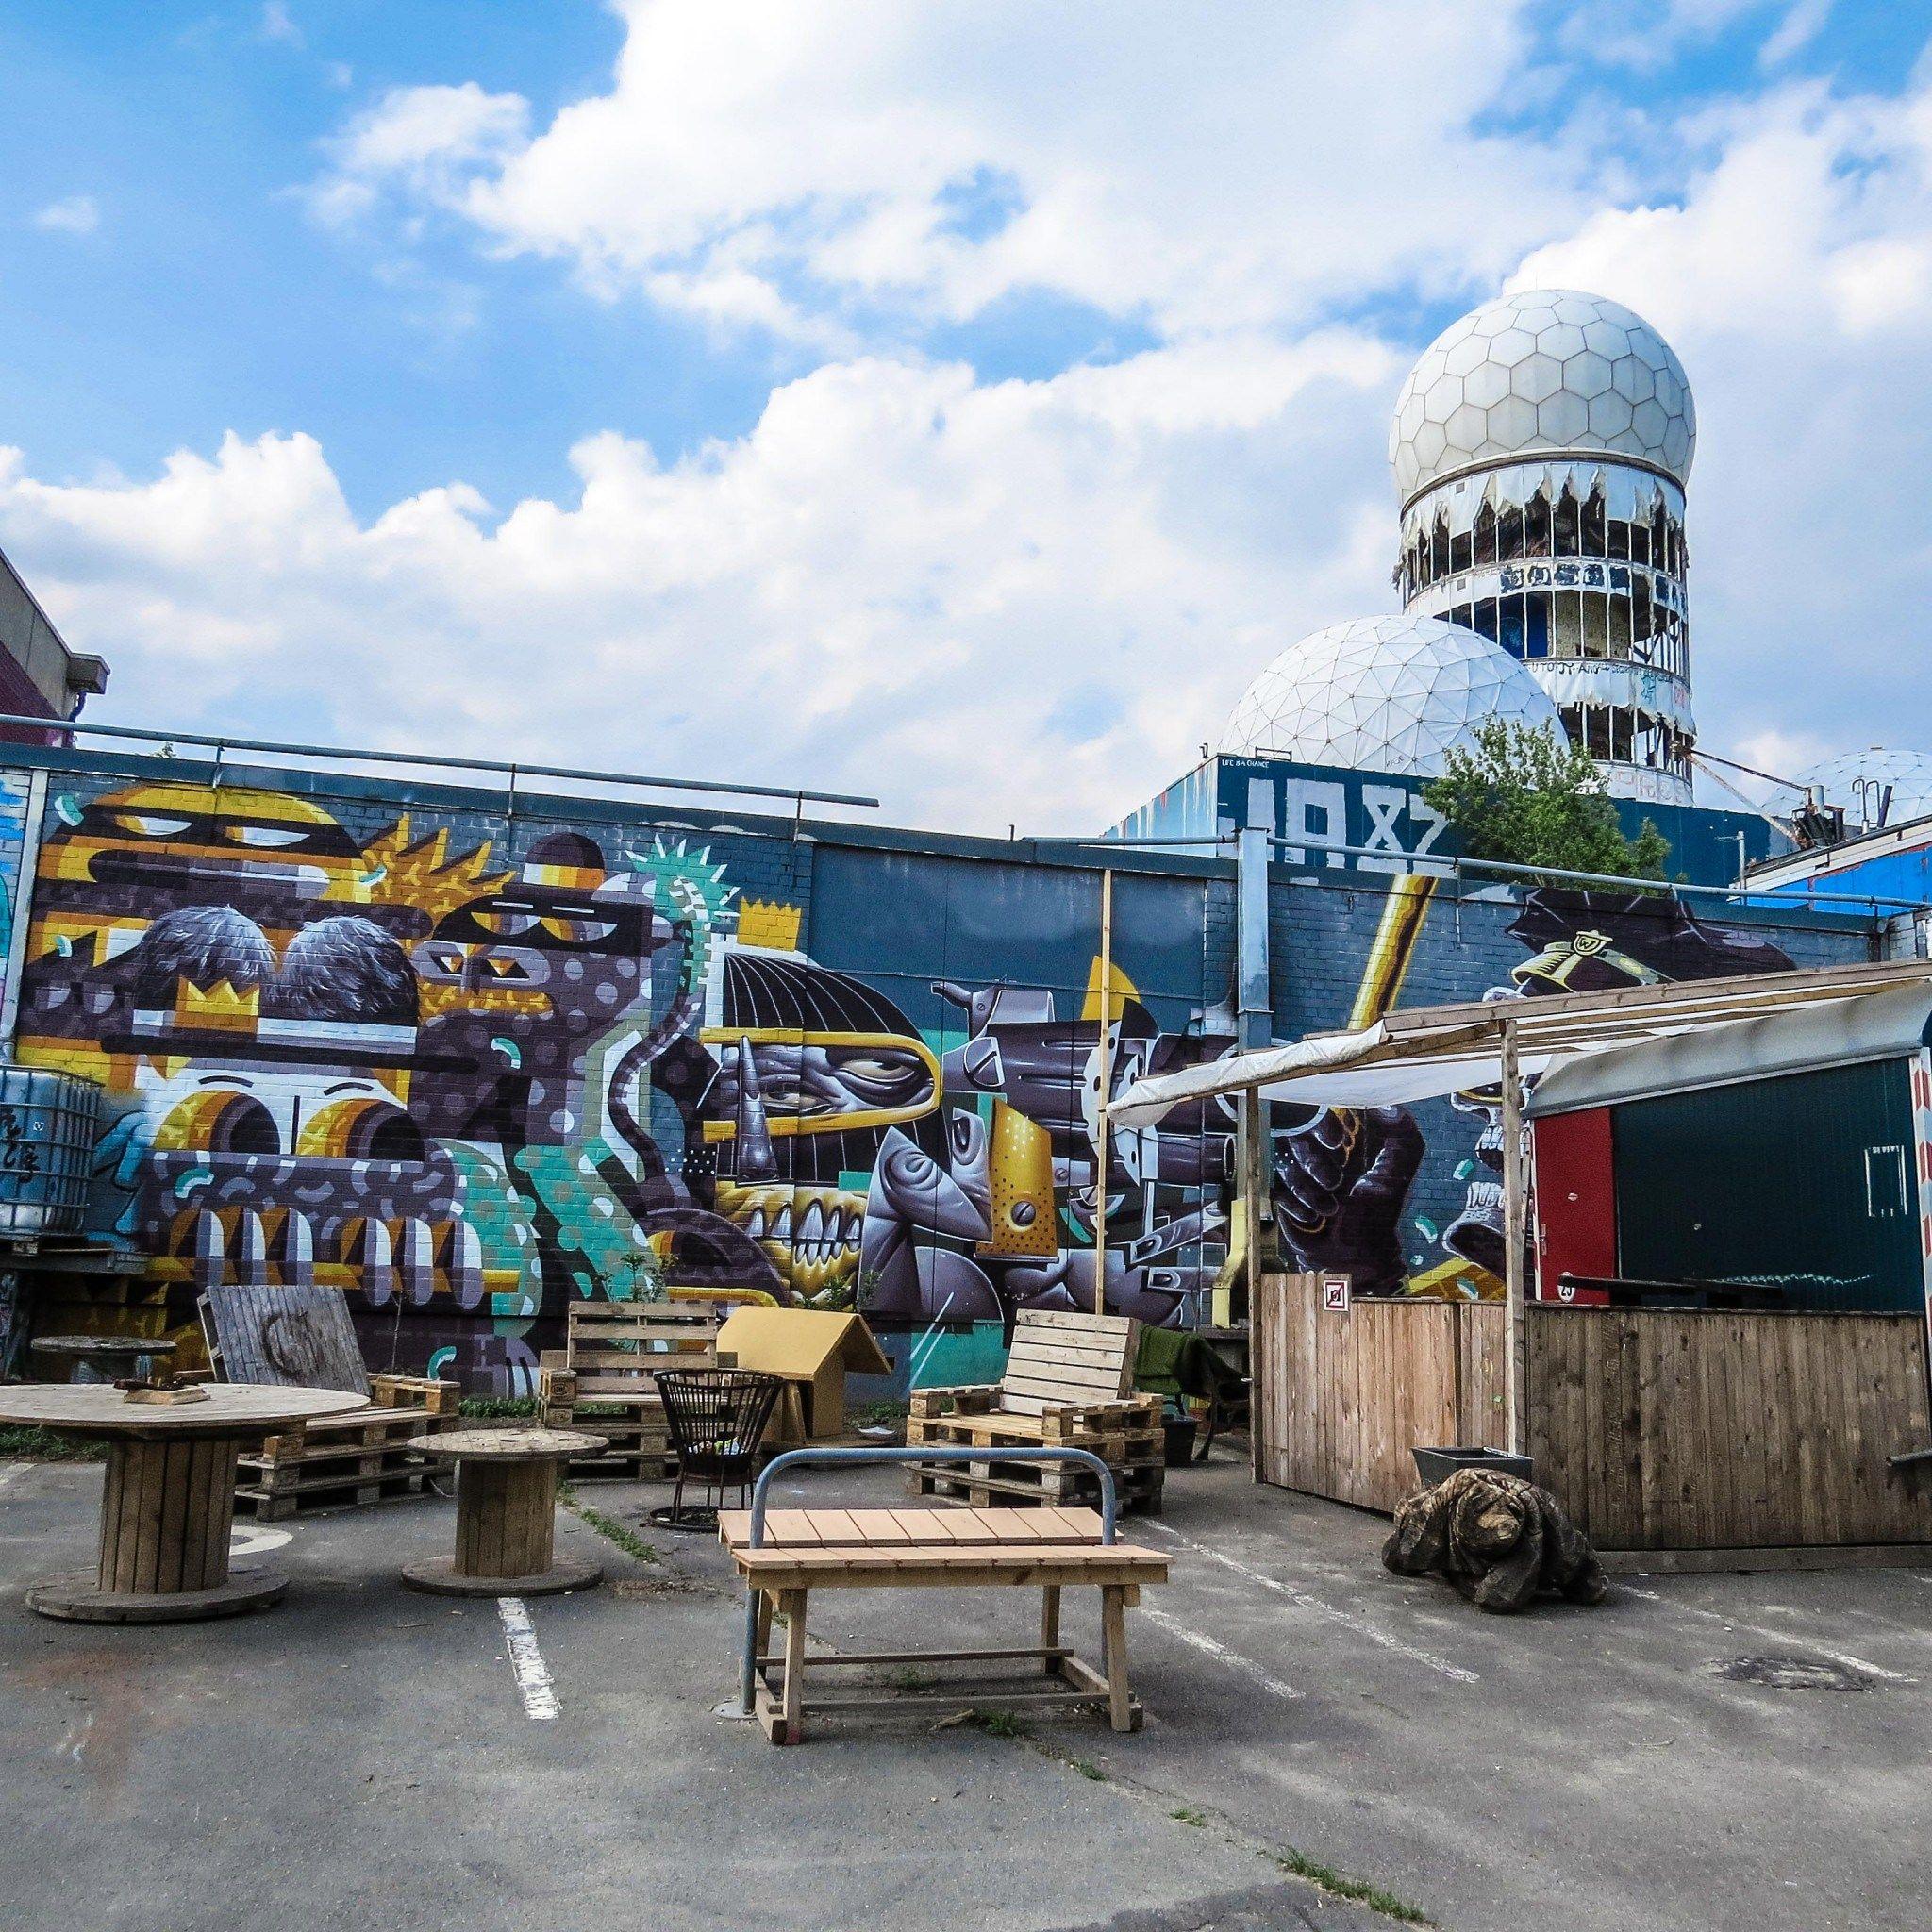 Teufelsberg Berlin: Entdeckungsreise an einem außergewöhnlichen Ort #deutschland #germany #Berlin #teufelsberg #fieldstation #abhöranlage #Städtetrip #reisen #Urlaub#reiseblogger #travel #travelblog #travelblogger